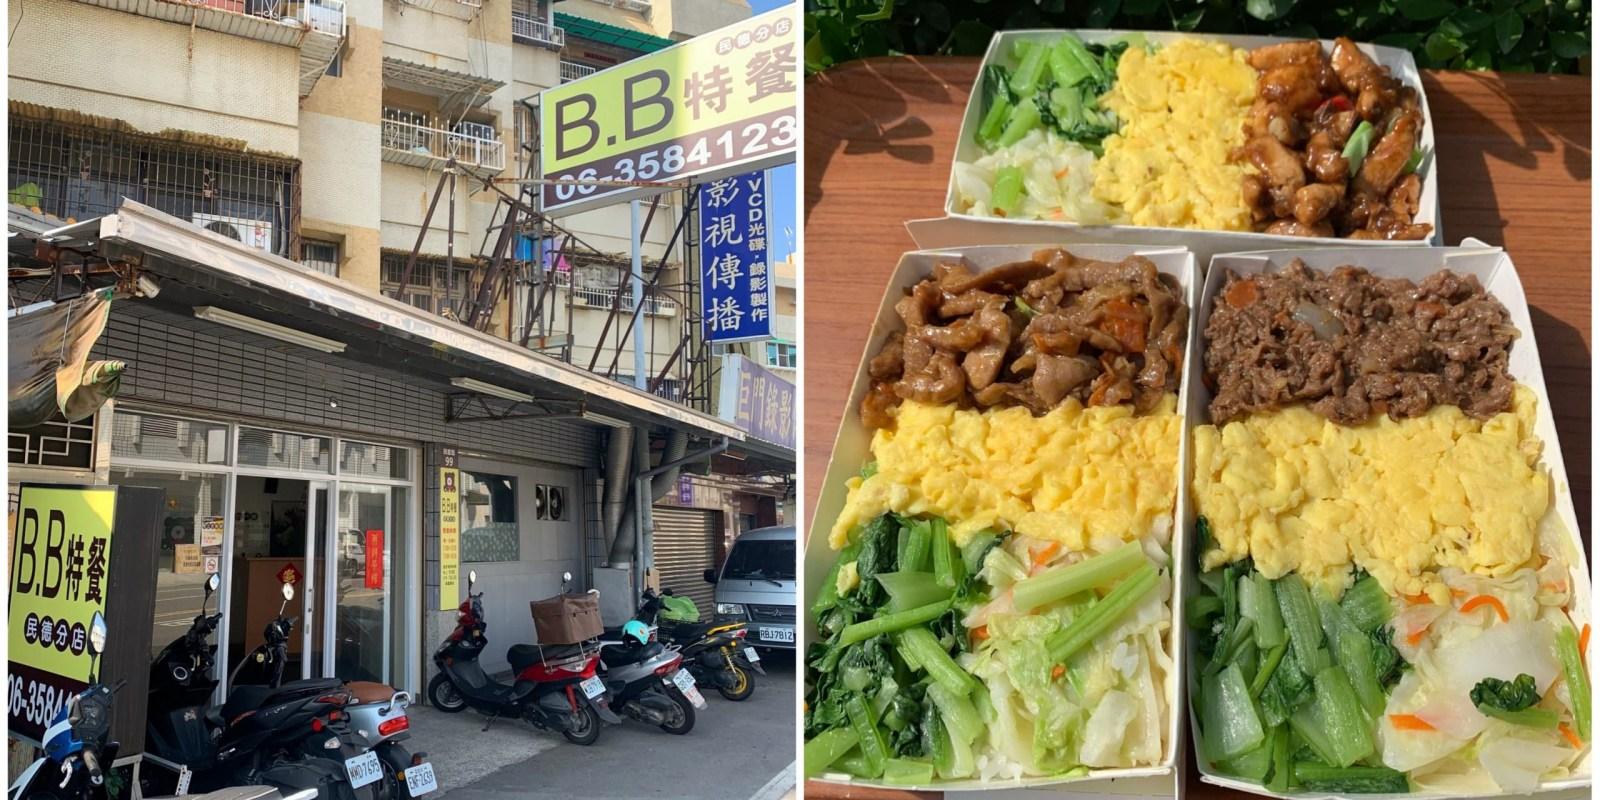 [台南美食] BB特餐 - 台南在地人超推的三色便當!